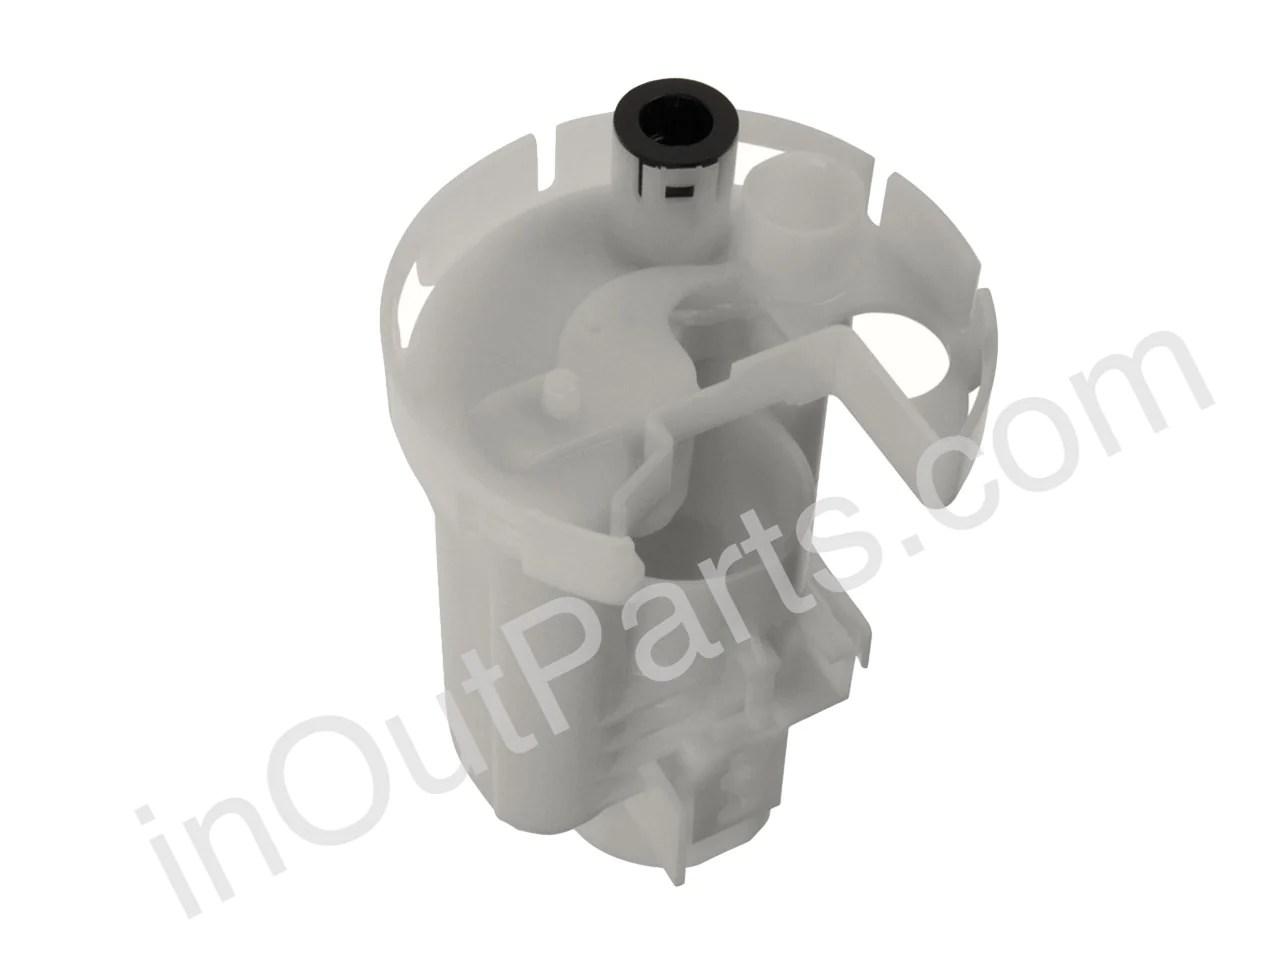 medium resolution of fuel filter fits toyota alphard corolla camry harrier hailanderfuel filter fits toyota